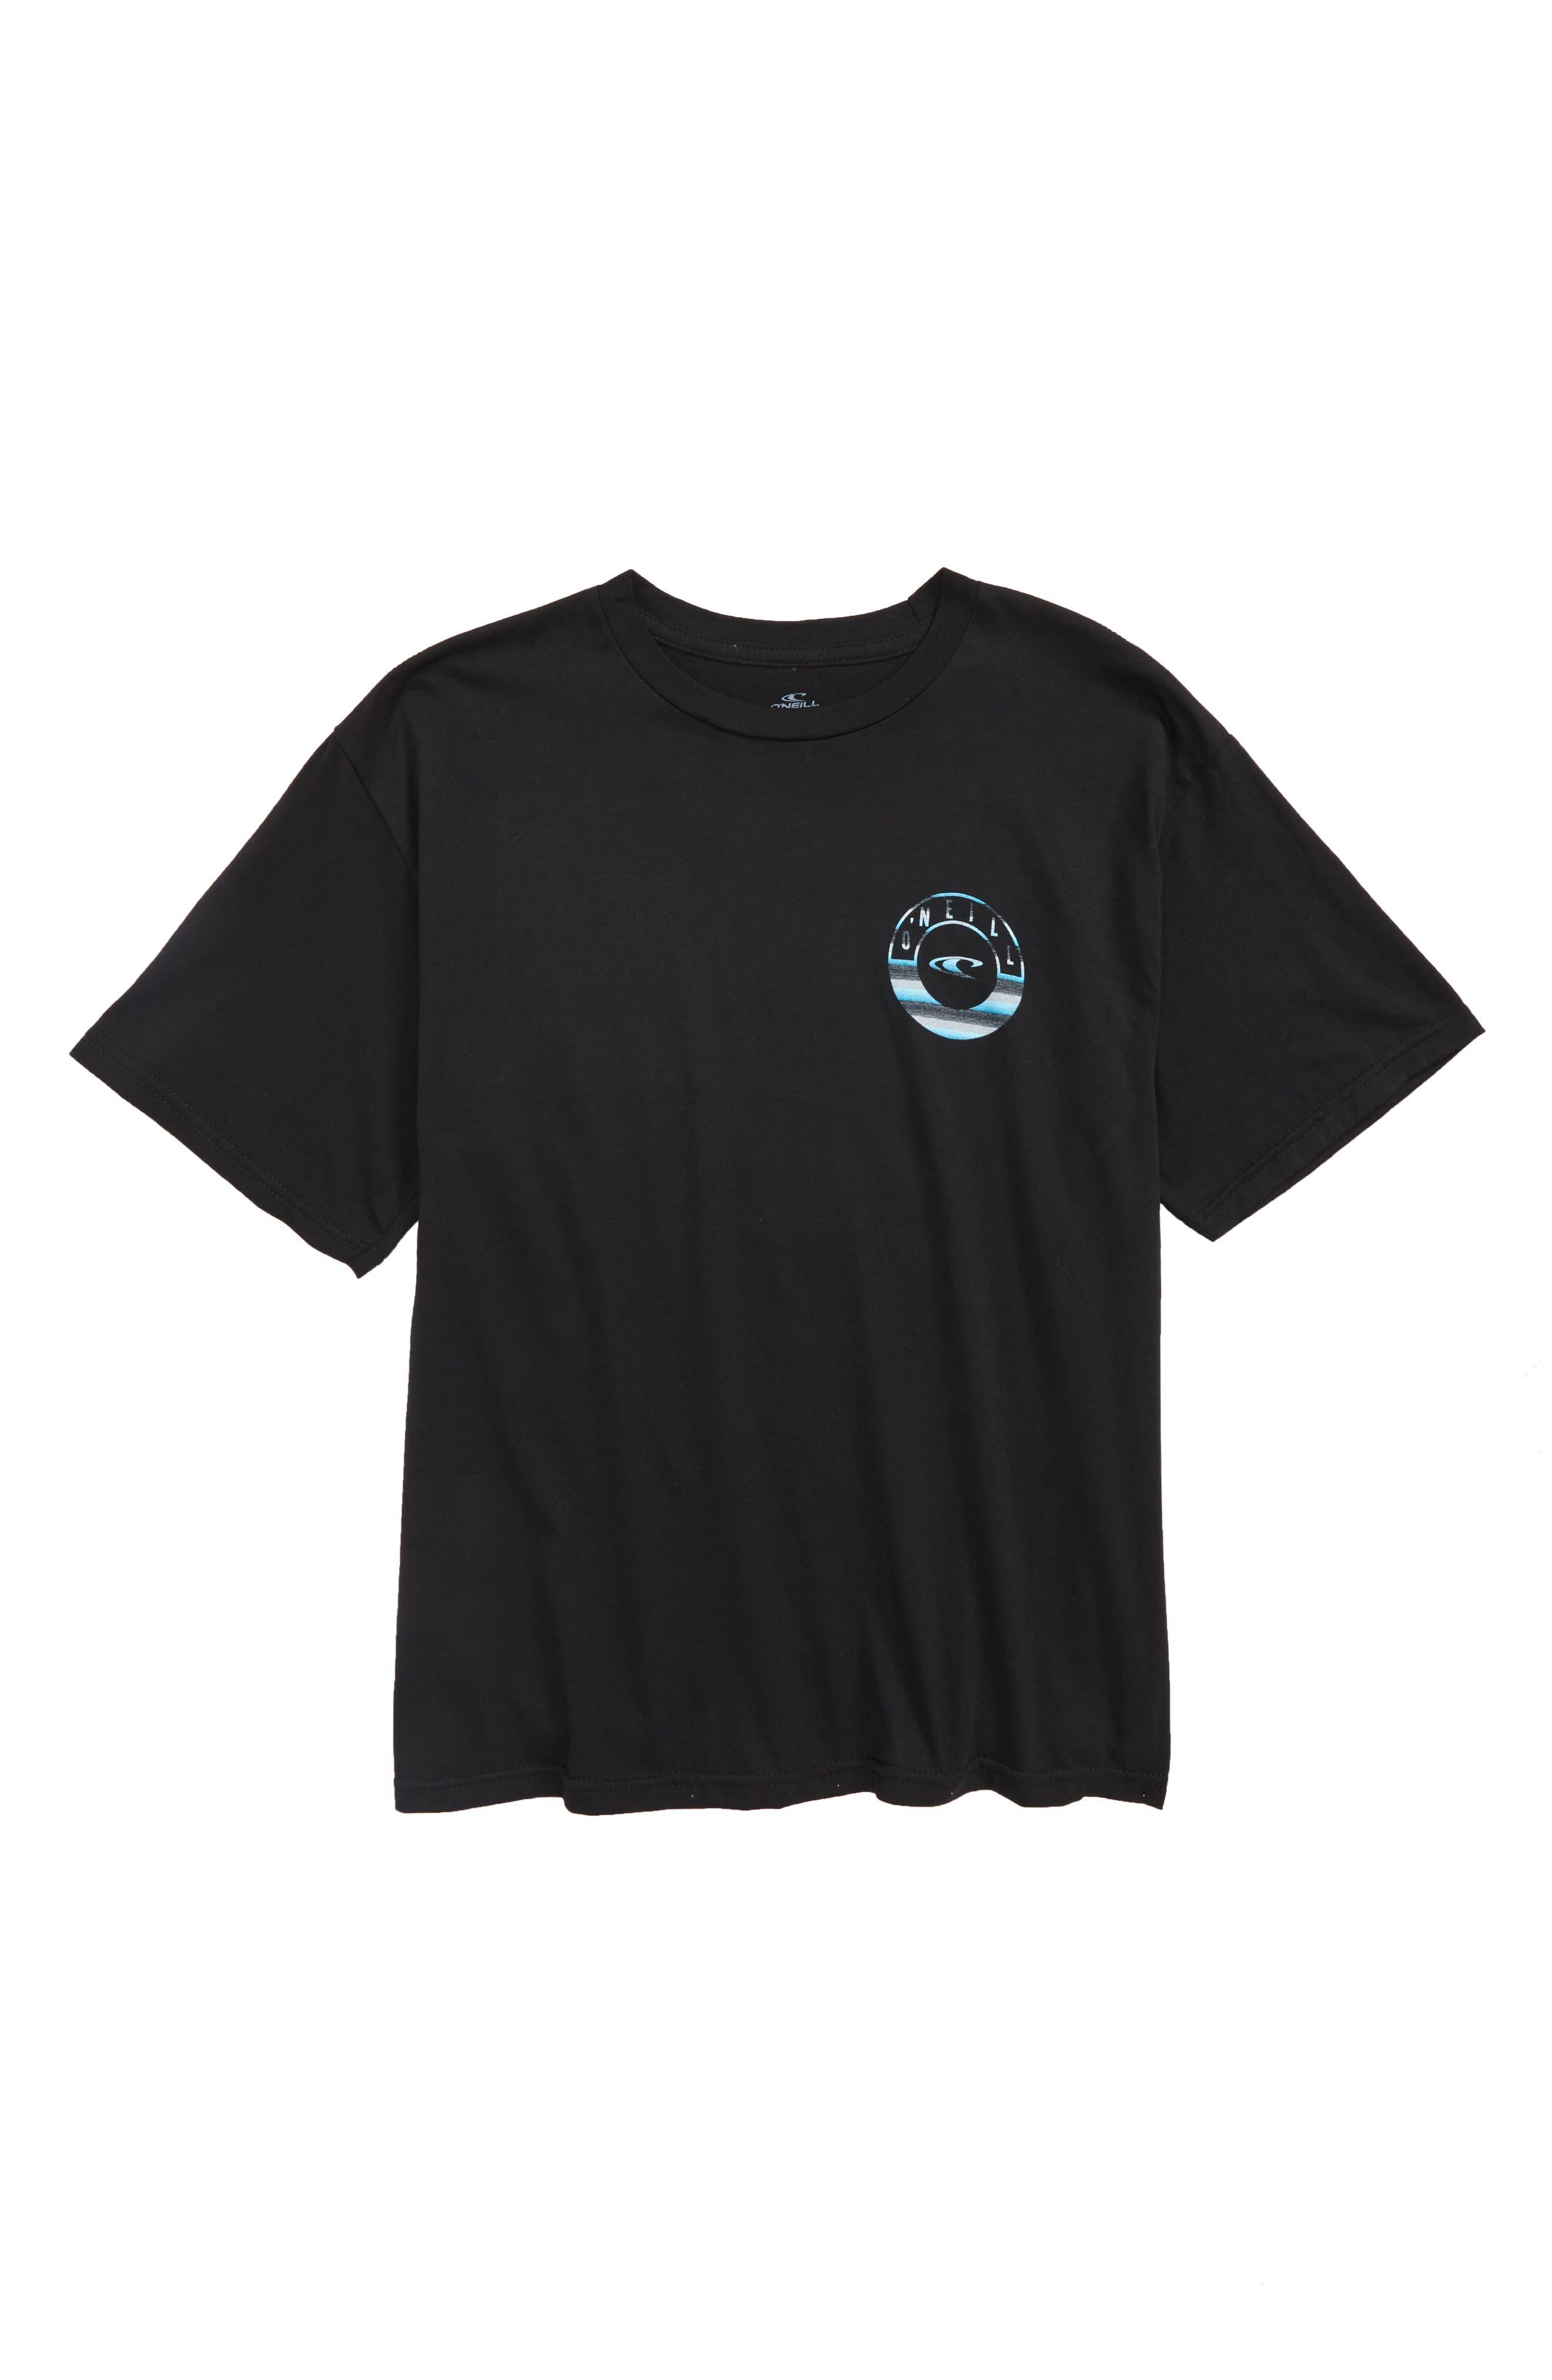 Main Image - O'Neill Fillmore Graphic T-Shirt (Big Boys)